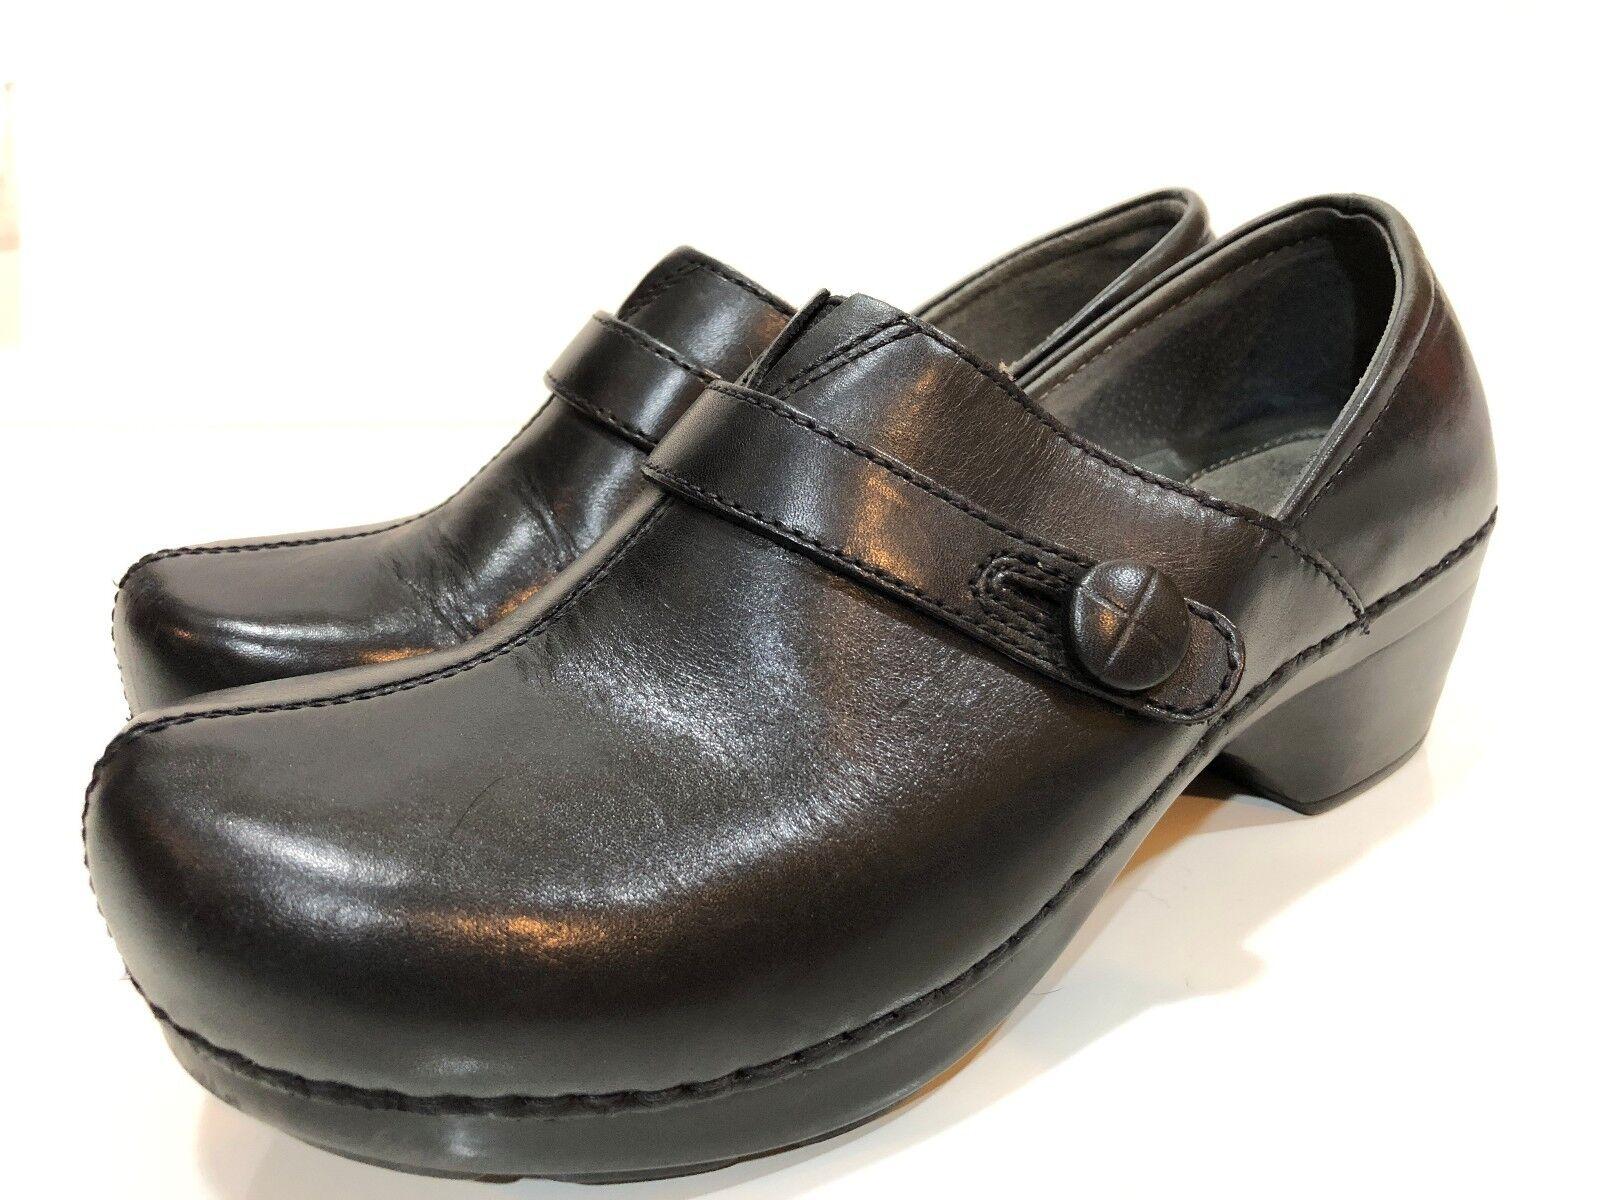 Dansko Women's Black Leather Clogs Shoes Size 38 US 7.5 - 8 M